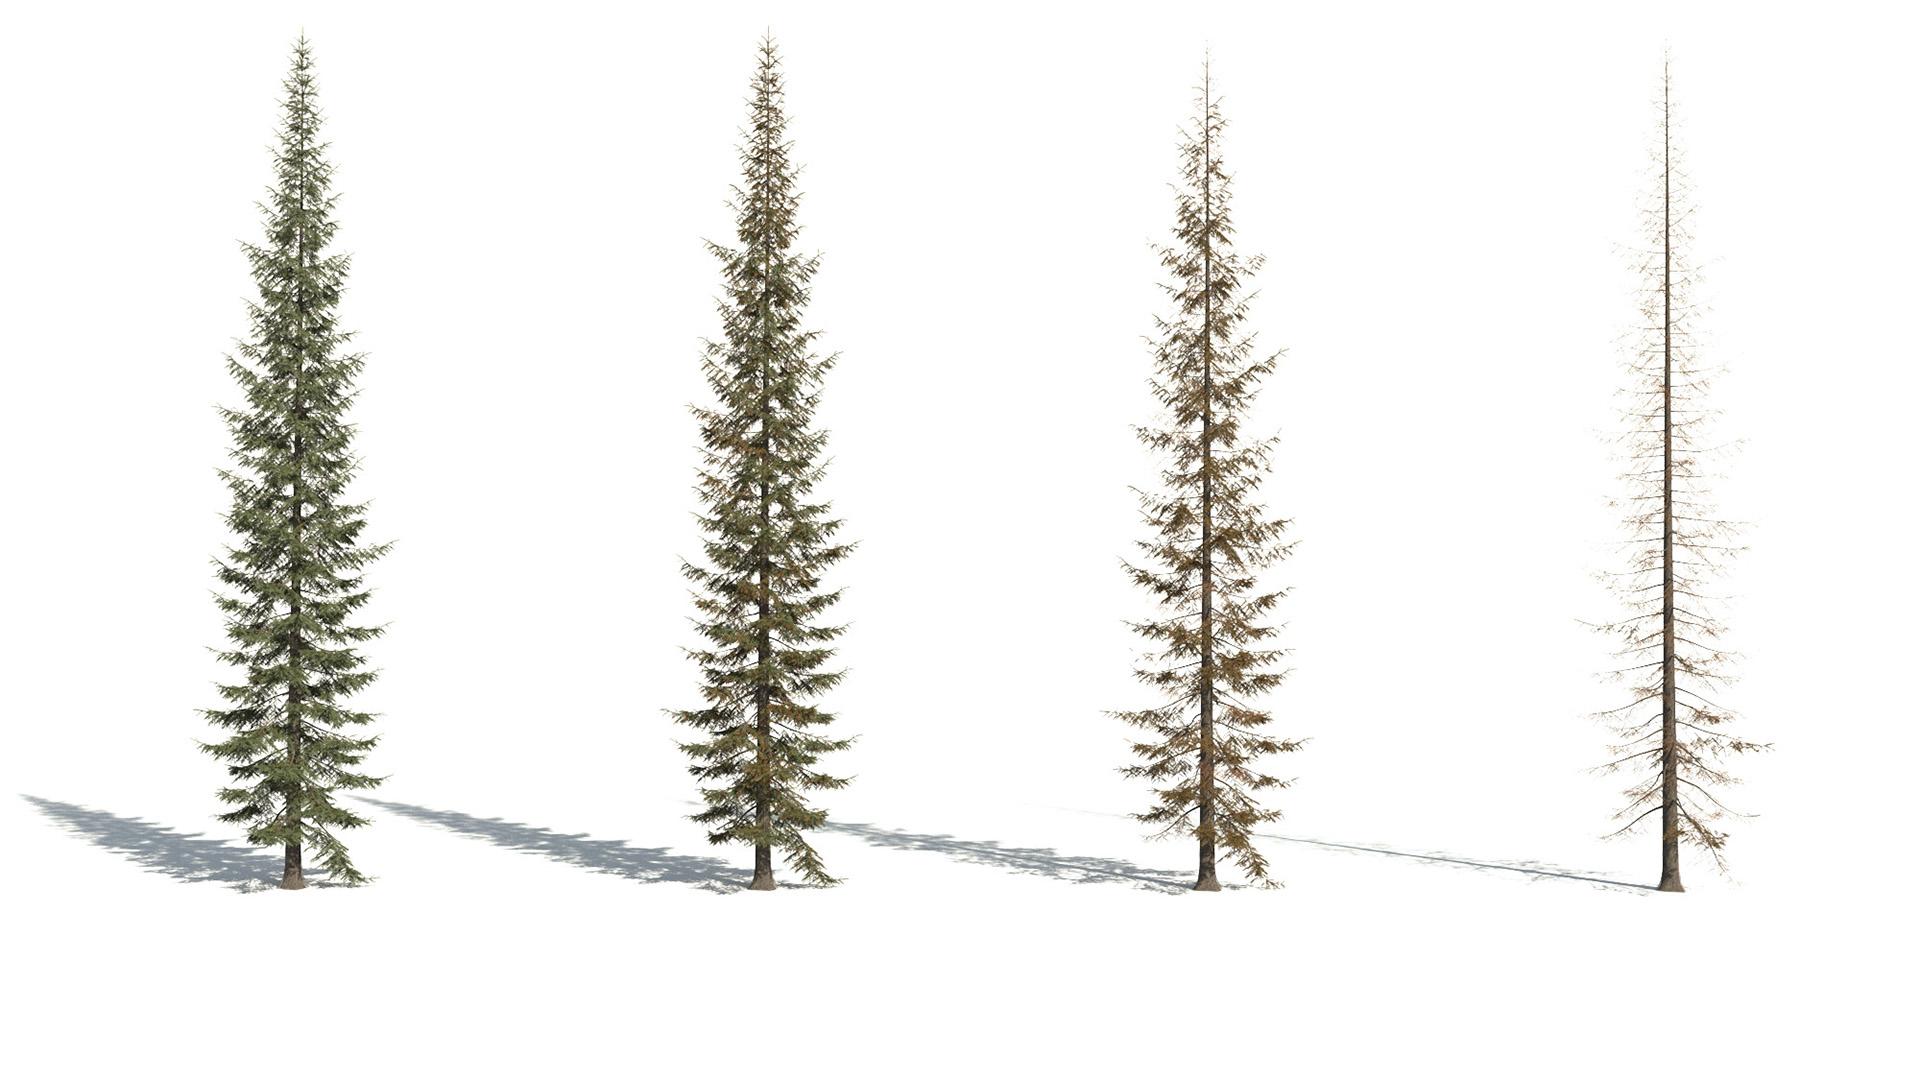 3D model of the Engelmann spruce Picea engelmannii health variations